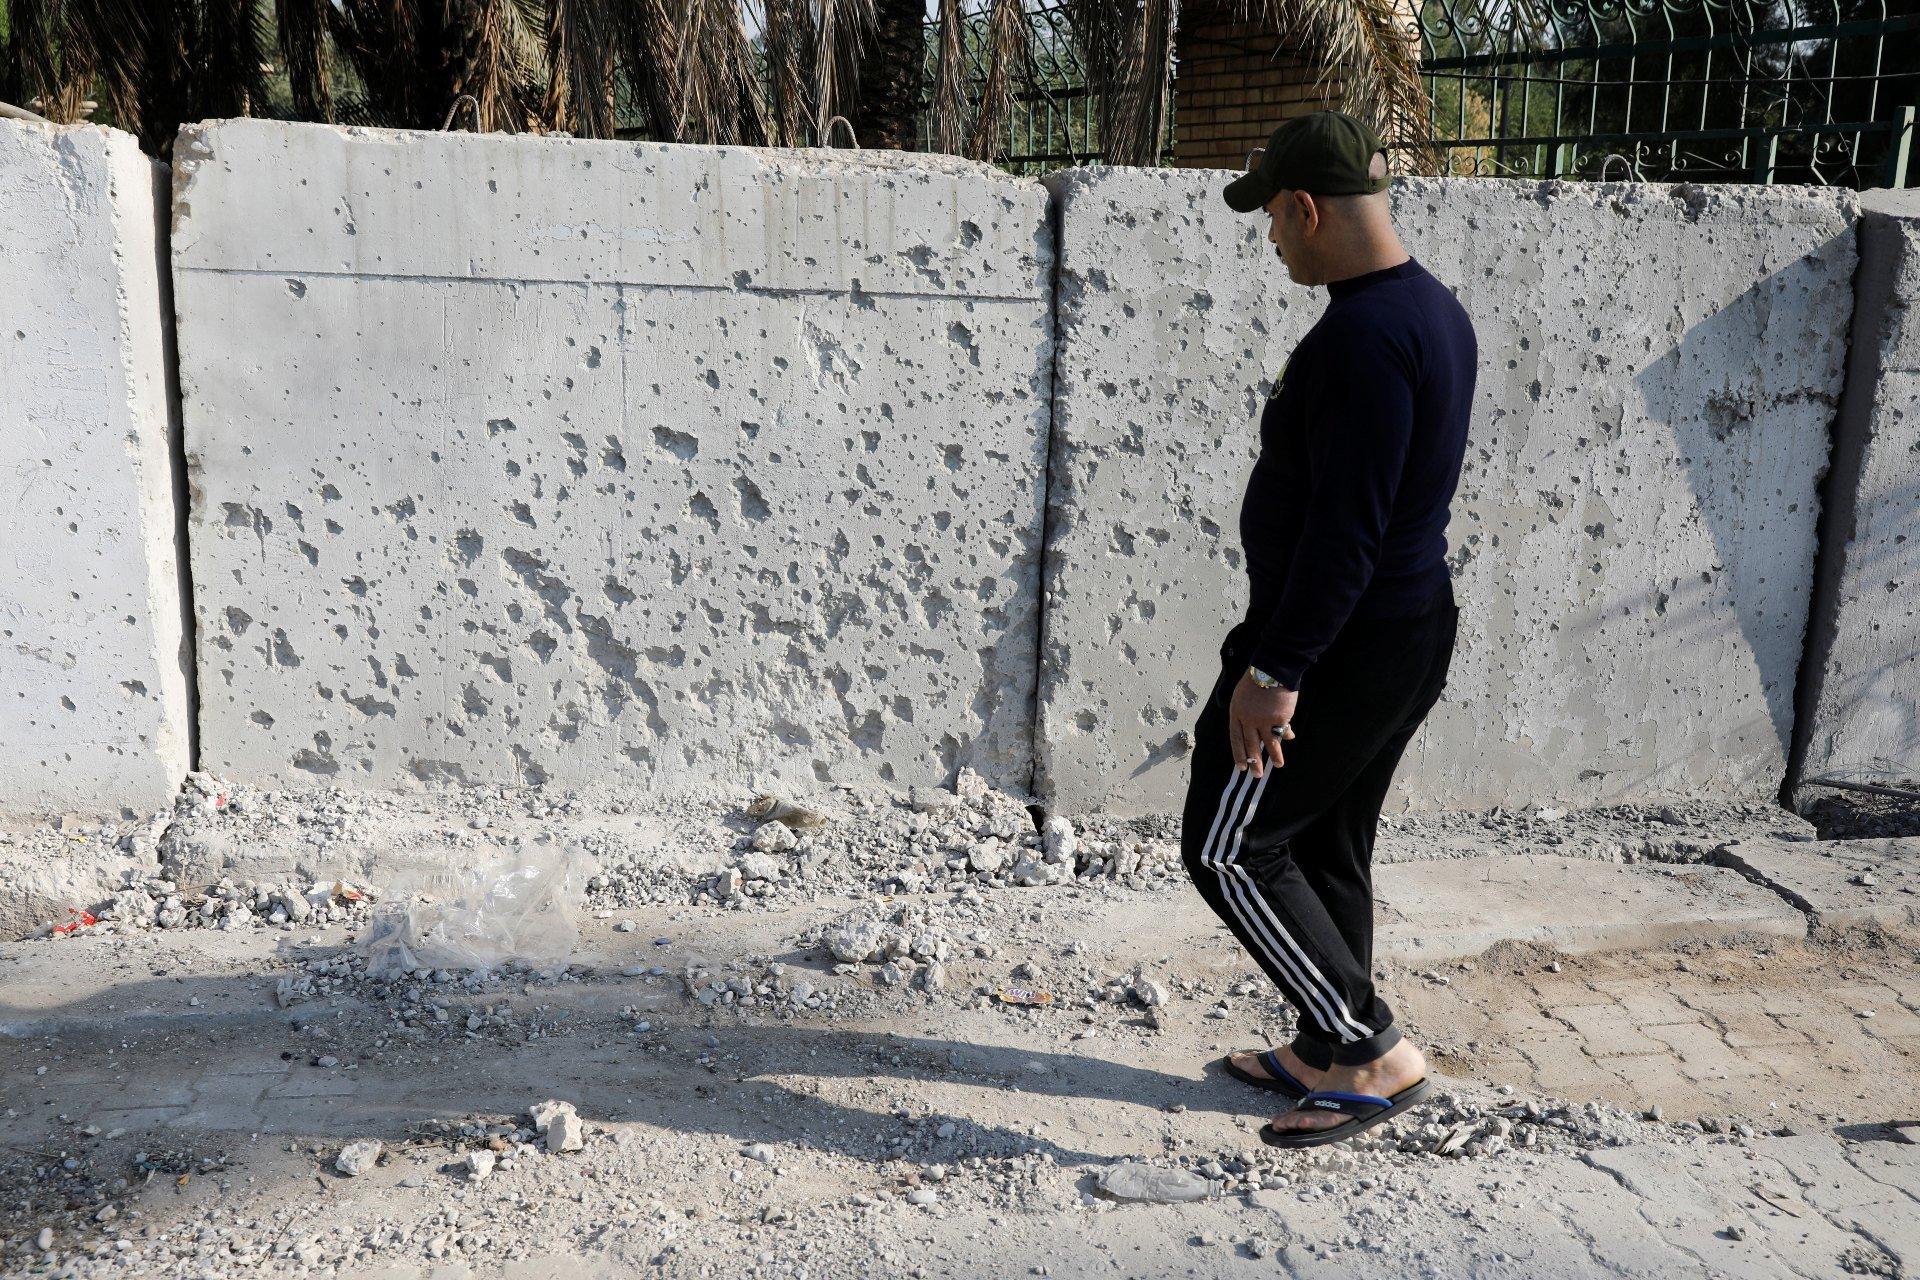 Un homme observe les dégâts d'une attaque à la roquette dans la zone verte de Bagdad (Reuters)